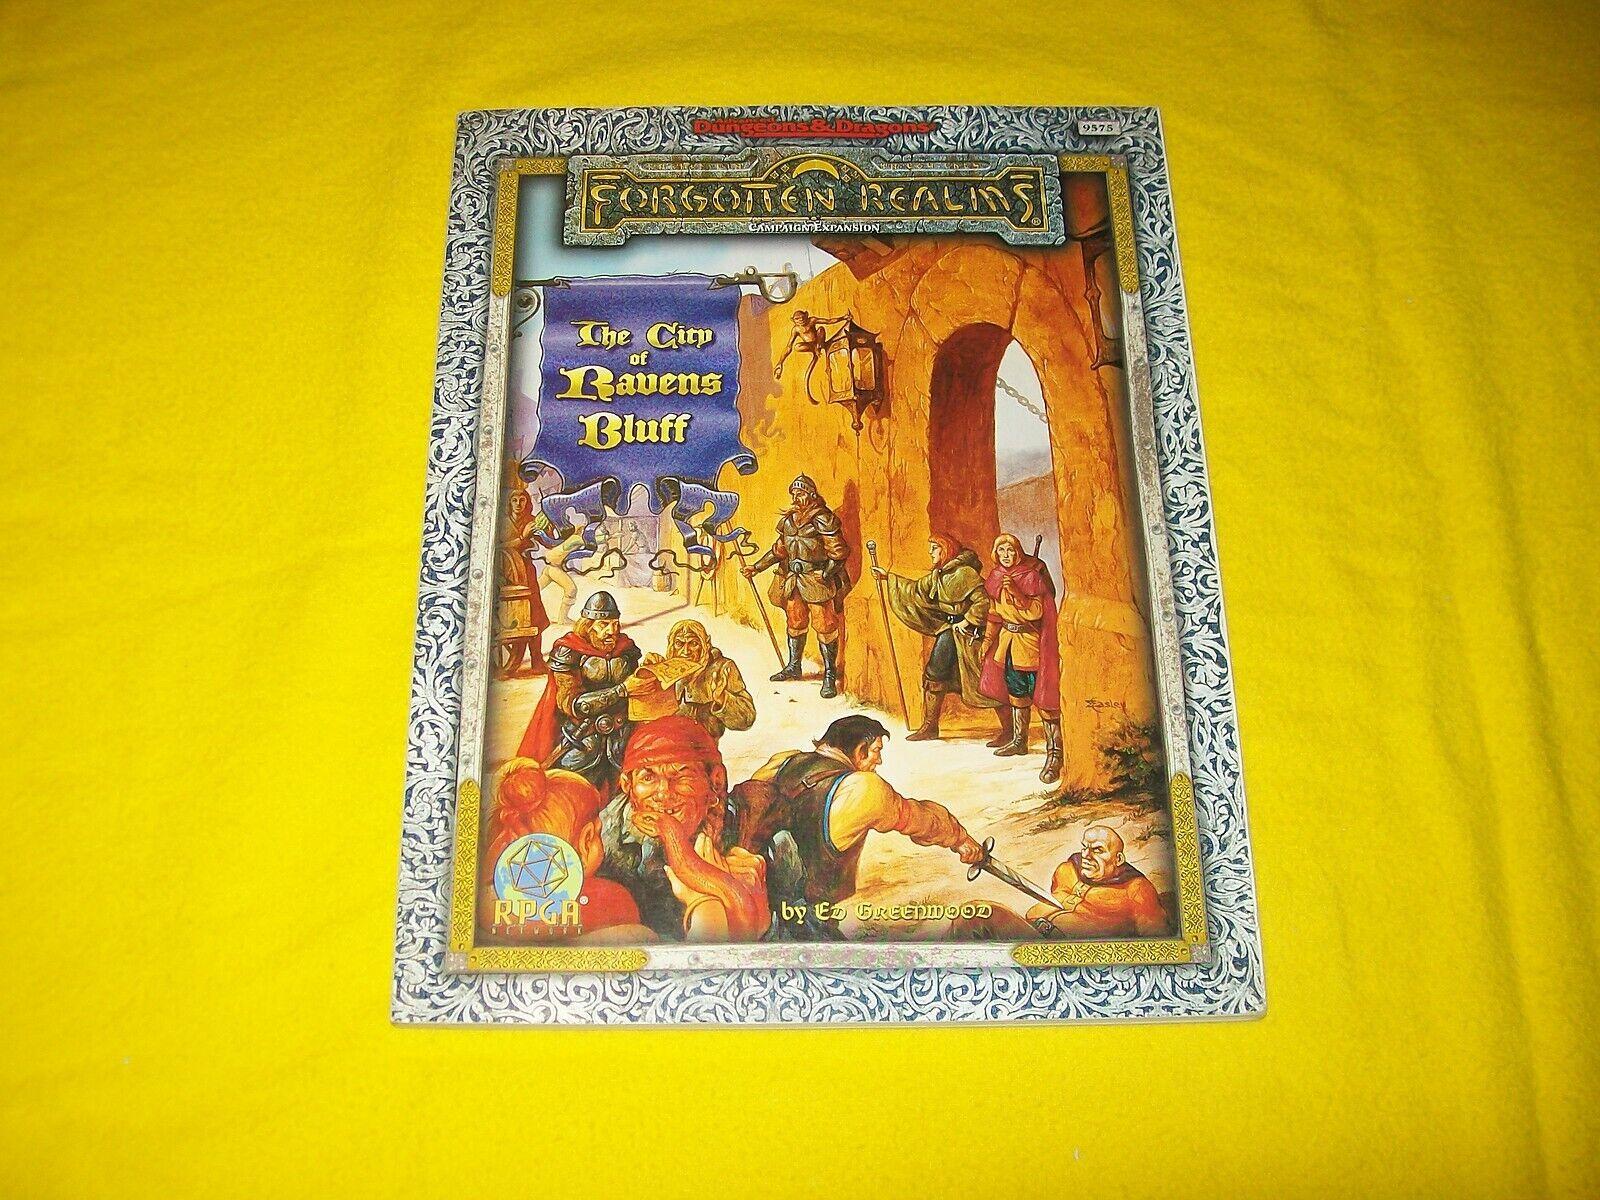 La ciudad de cuervos azulff Dungeons & Dragons Ad&d Forgotten Realms TSR 9575 - 3